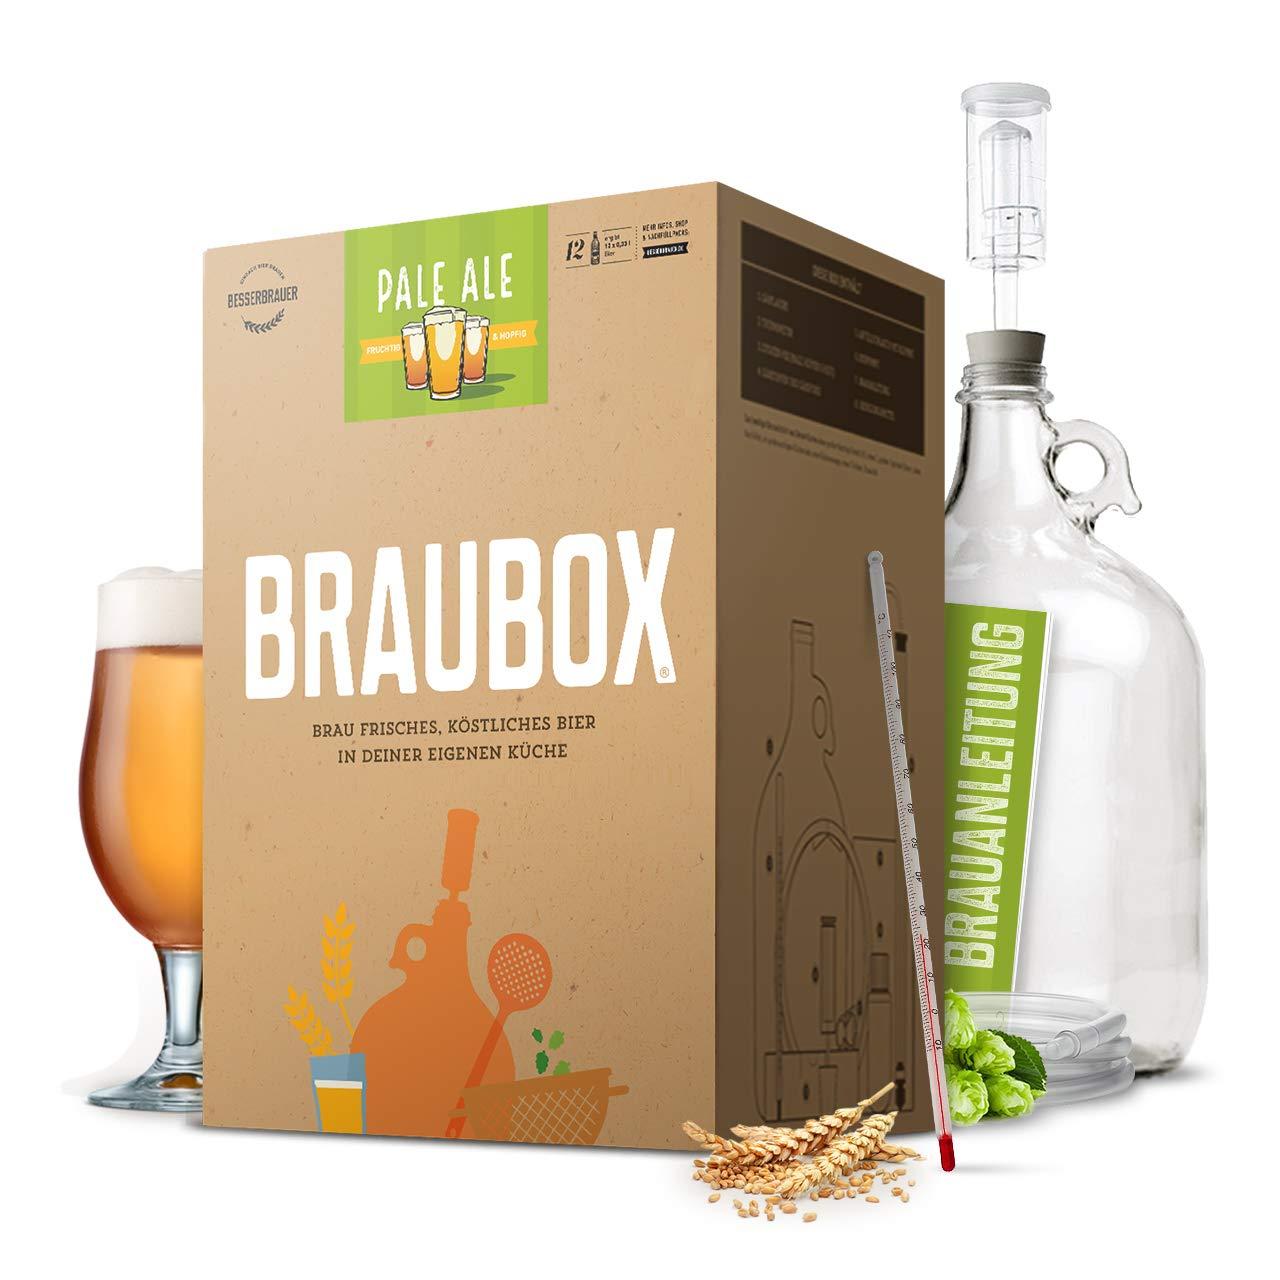 Braubox®, SortePale Ale | Bierbrauset zum Bier brauen in der Küche | mit Erfolgsgarantie von Besserbrauer Braubox®